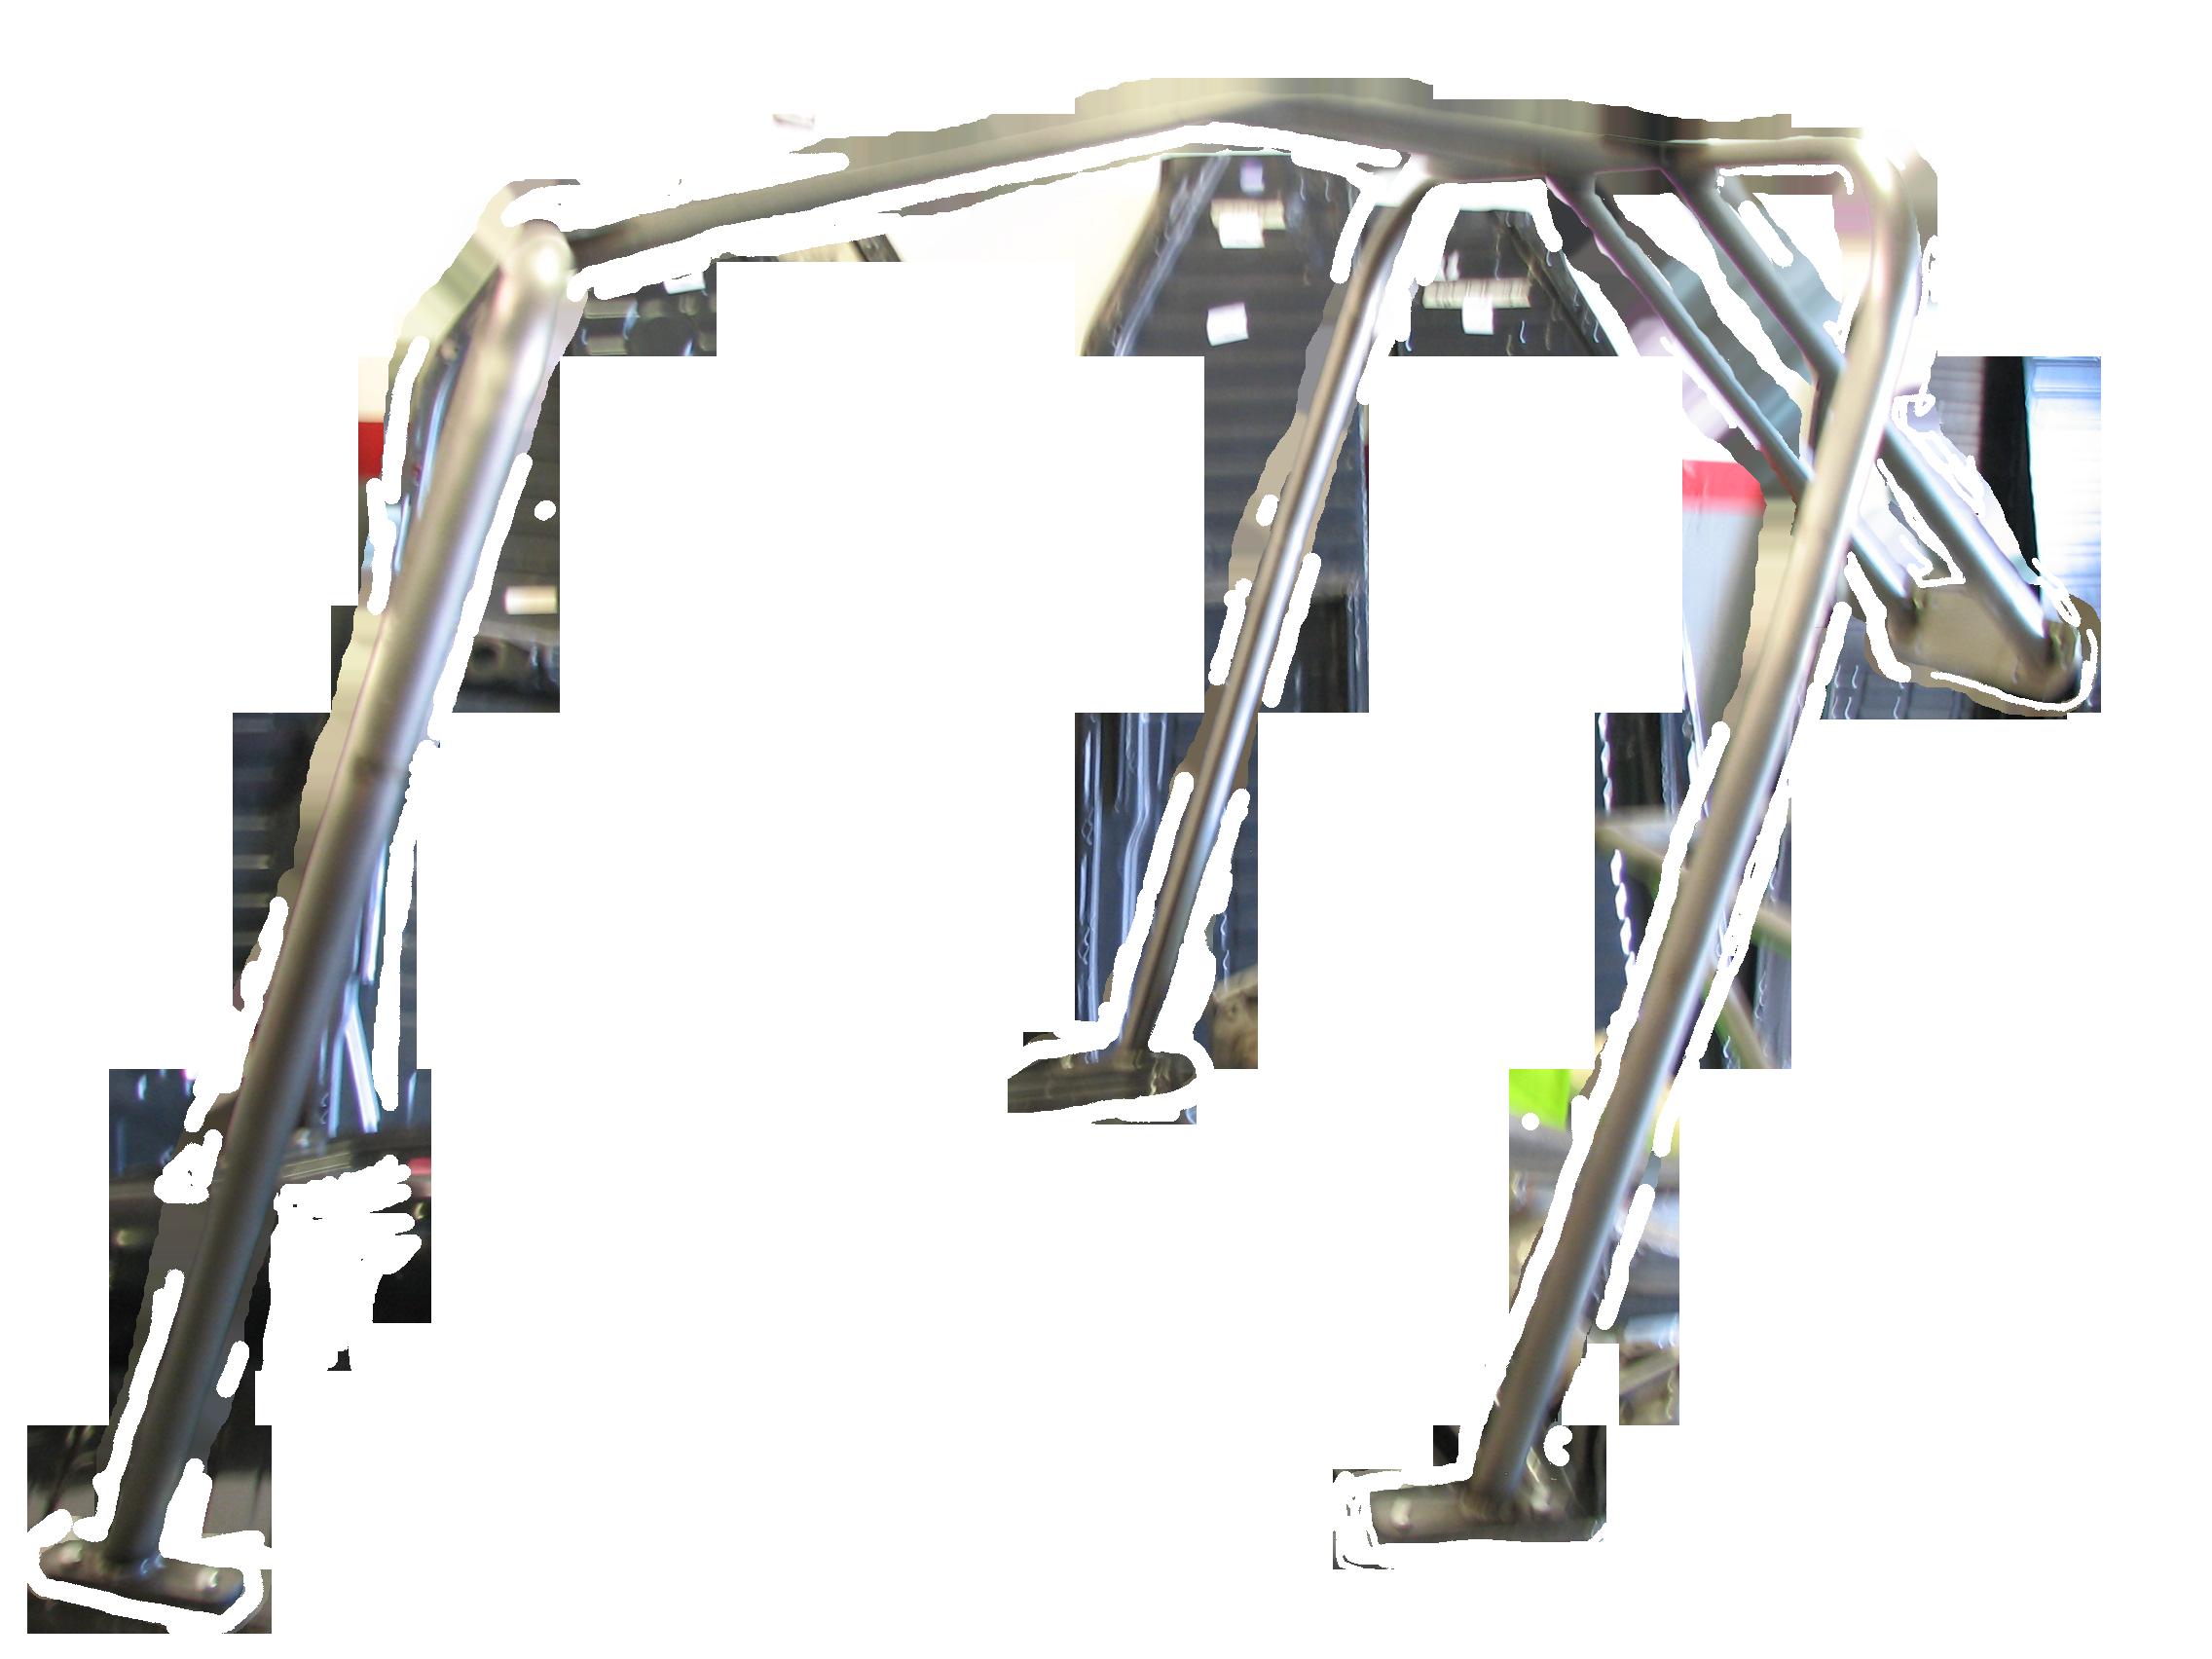 Dune Buggy Dash >> TheSamba.com :: Kit Car/Fiberglass Buggy - View topic - Roll bar Kit....Carolina Dune Buggies